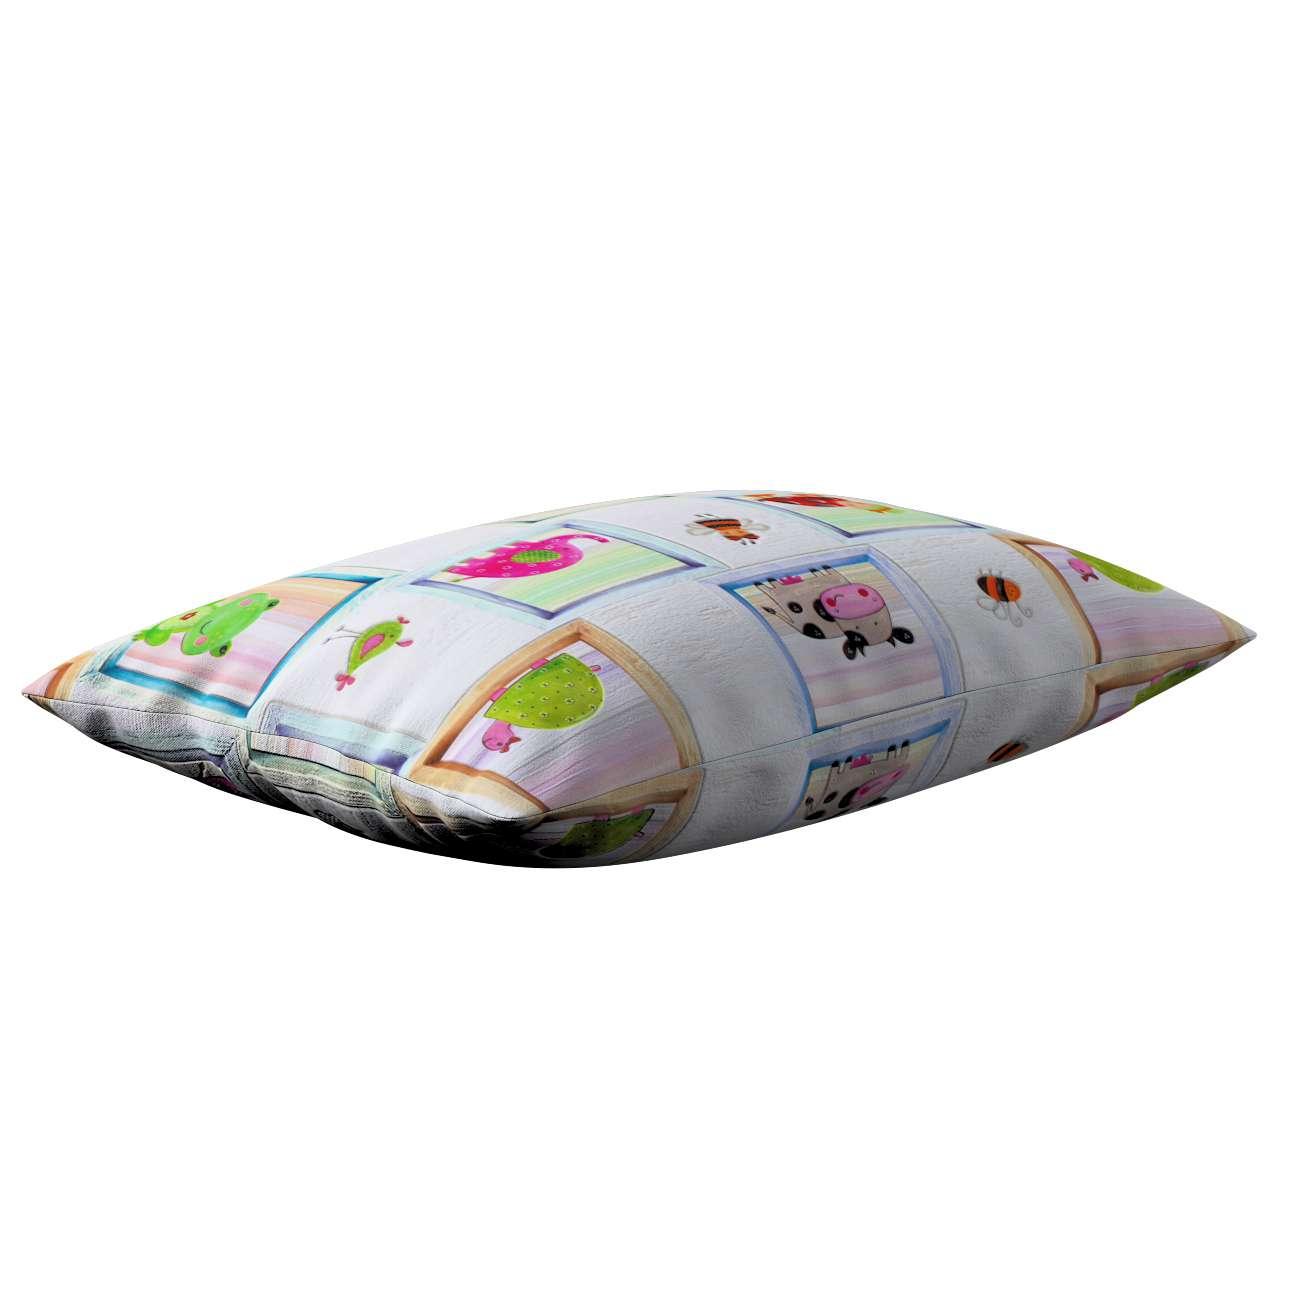 Kinga dekoratyvinės pagalvėlės užvalkalas 60x40cm 60x40cm kolekcijoje Apanona, audinys: 151-04